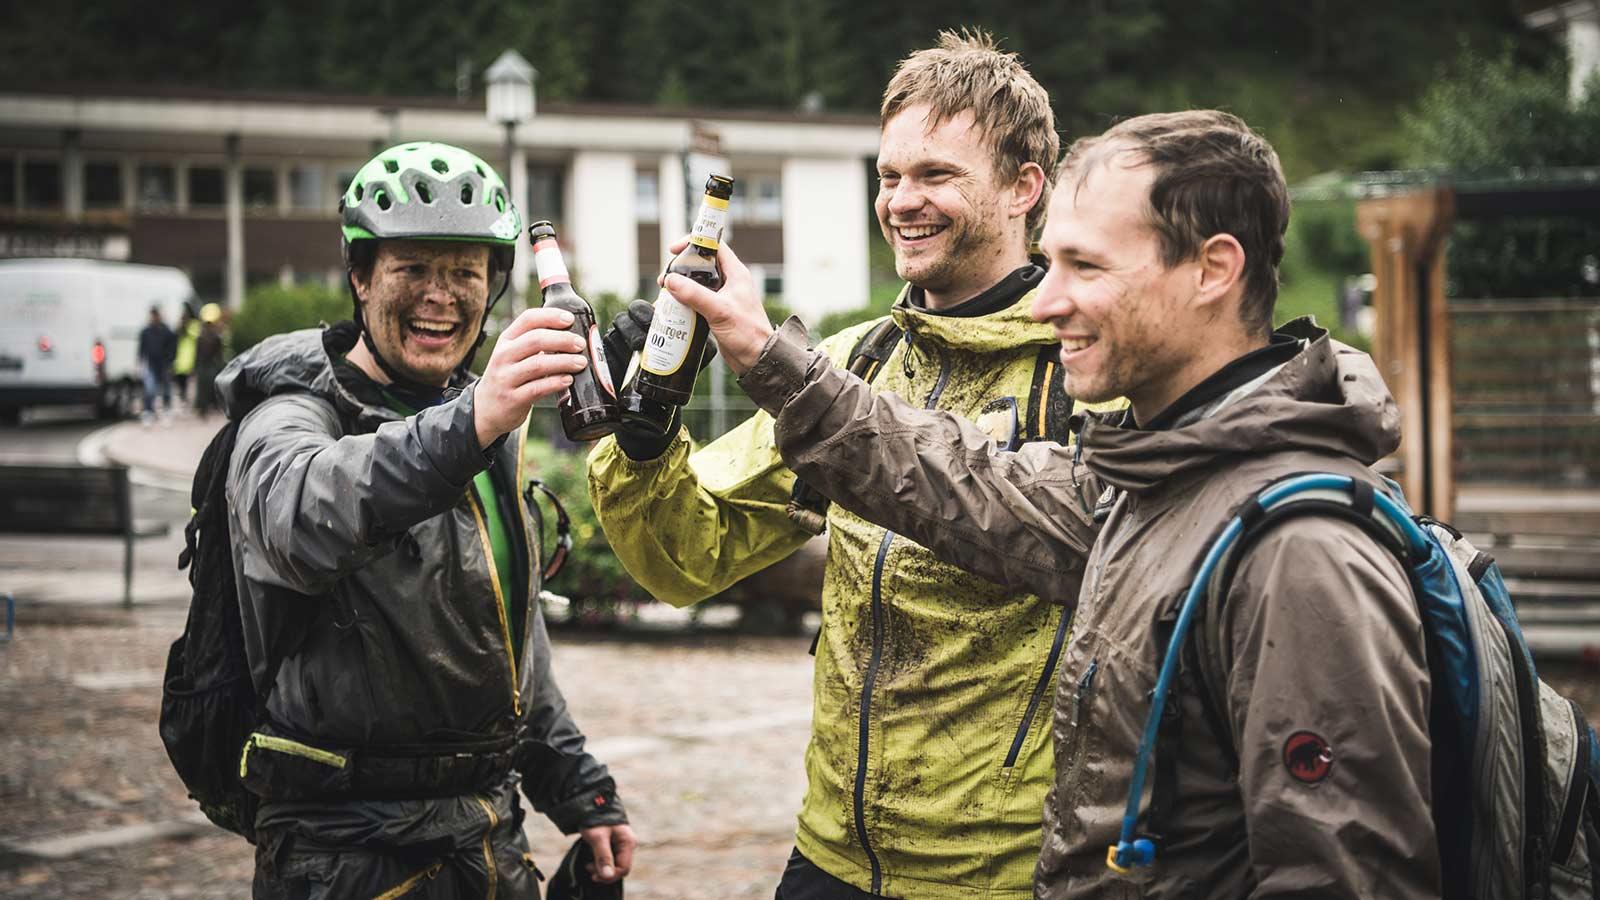 Die Rasenmäher Event Knödeljagd 2019 - Bitburger 0% Zielbier